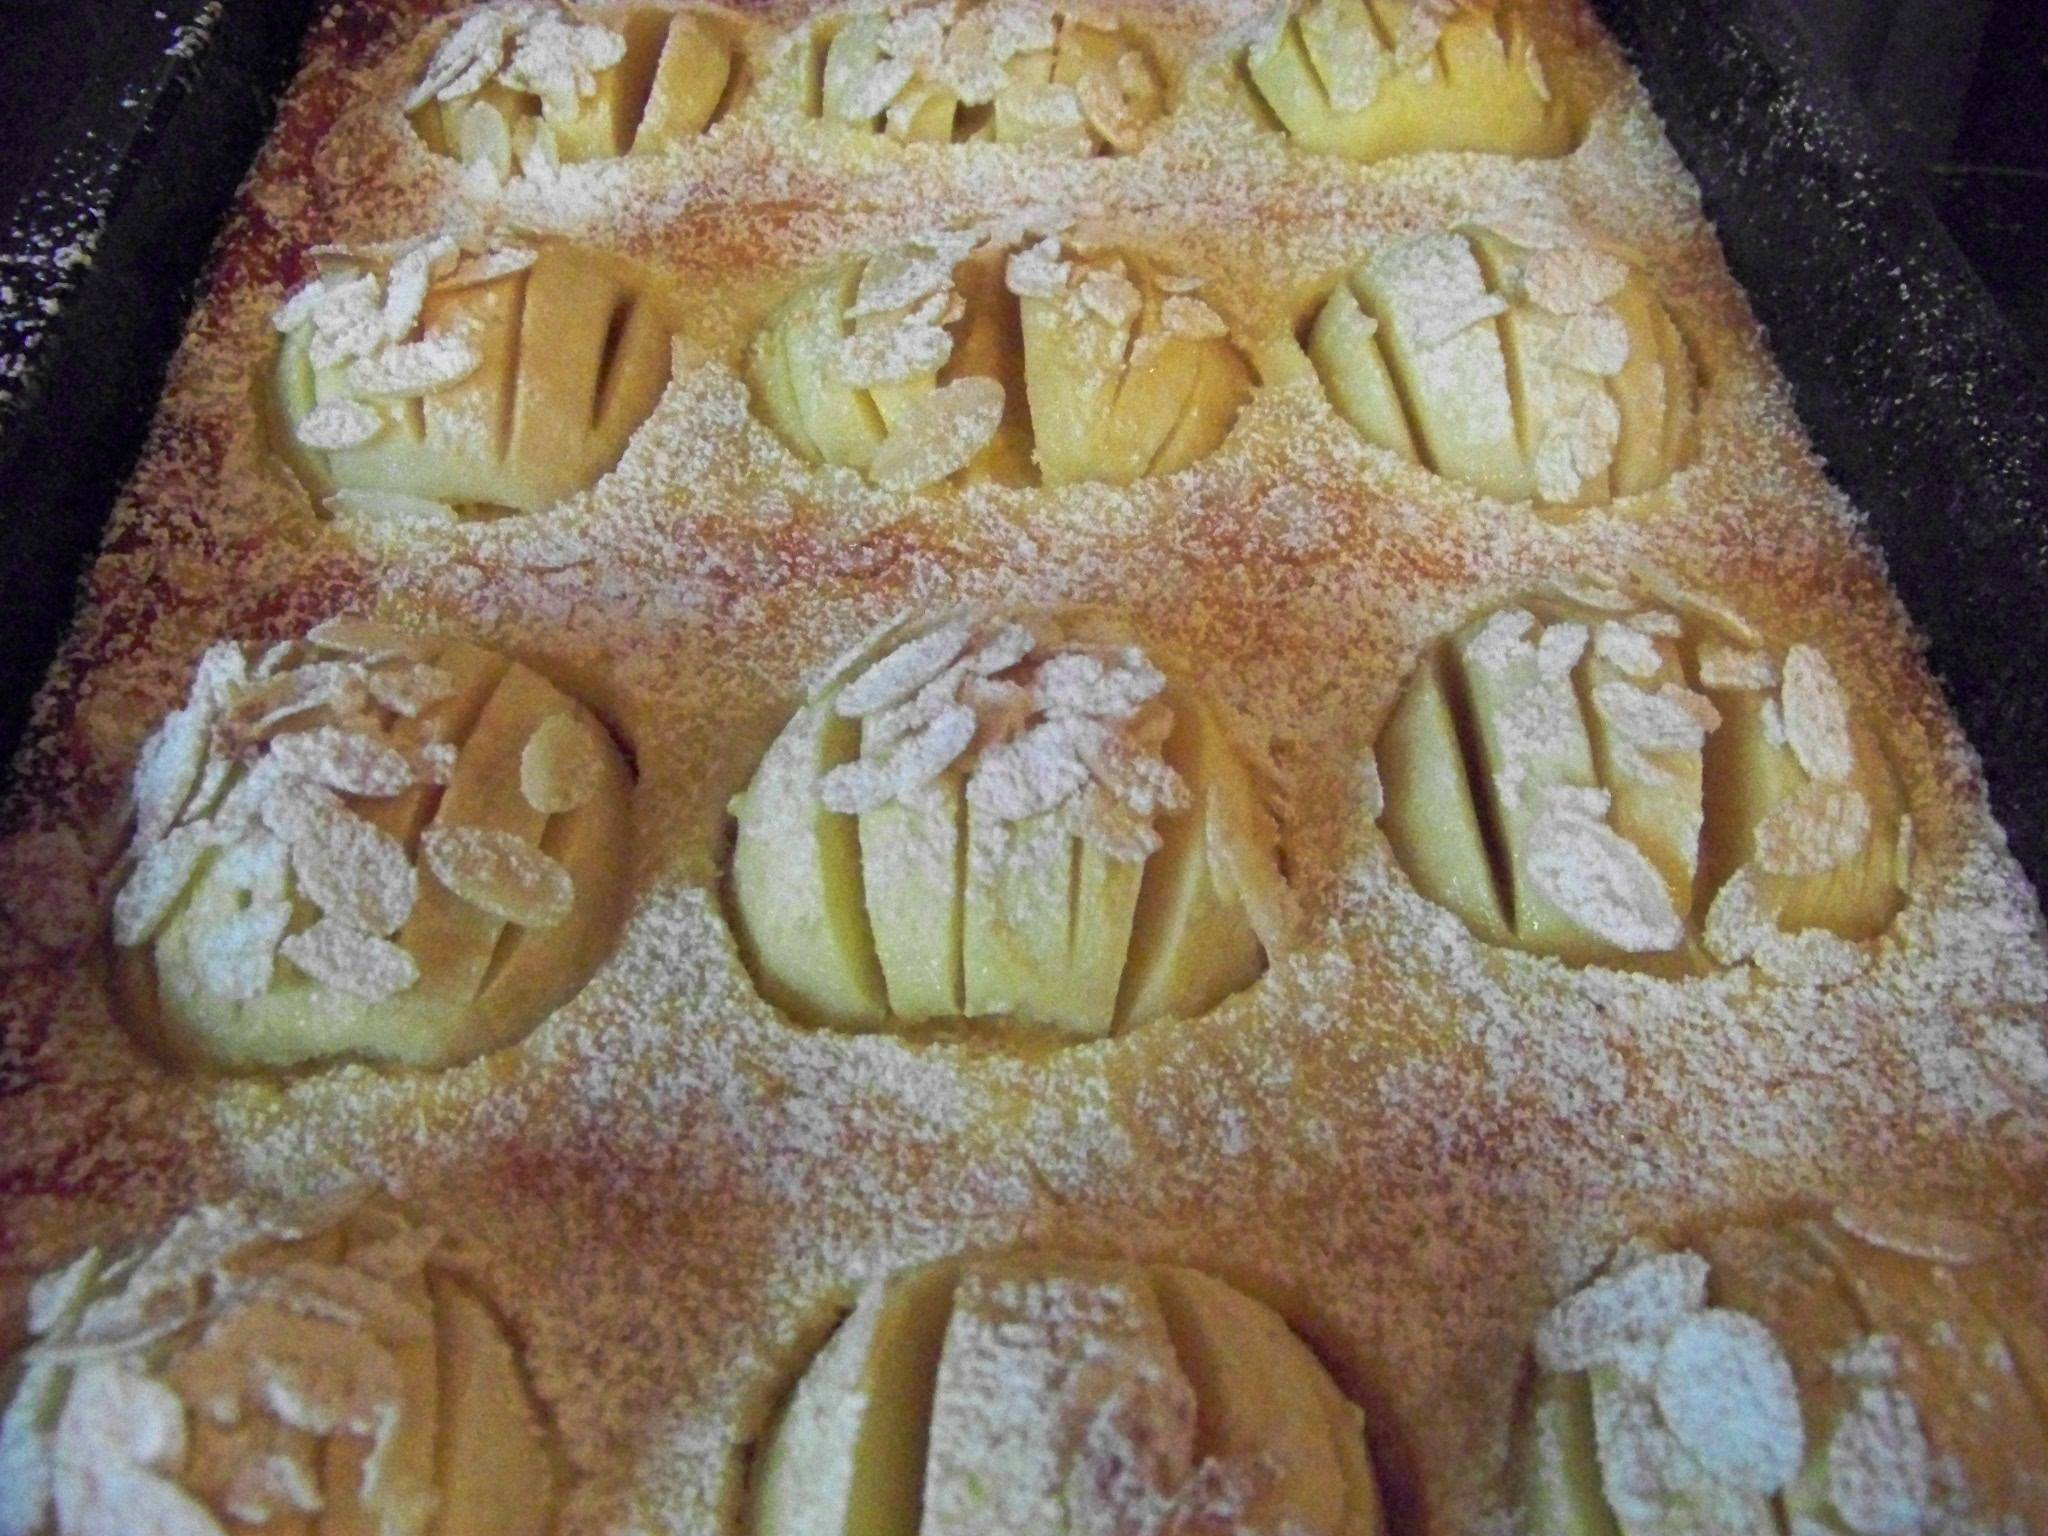 Apfelkuchen Vom Blech Mit Rahmguss Und Mandeln Www Pfalz Info Com